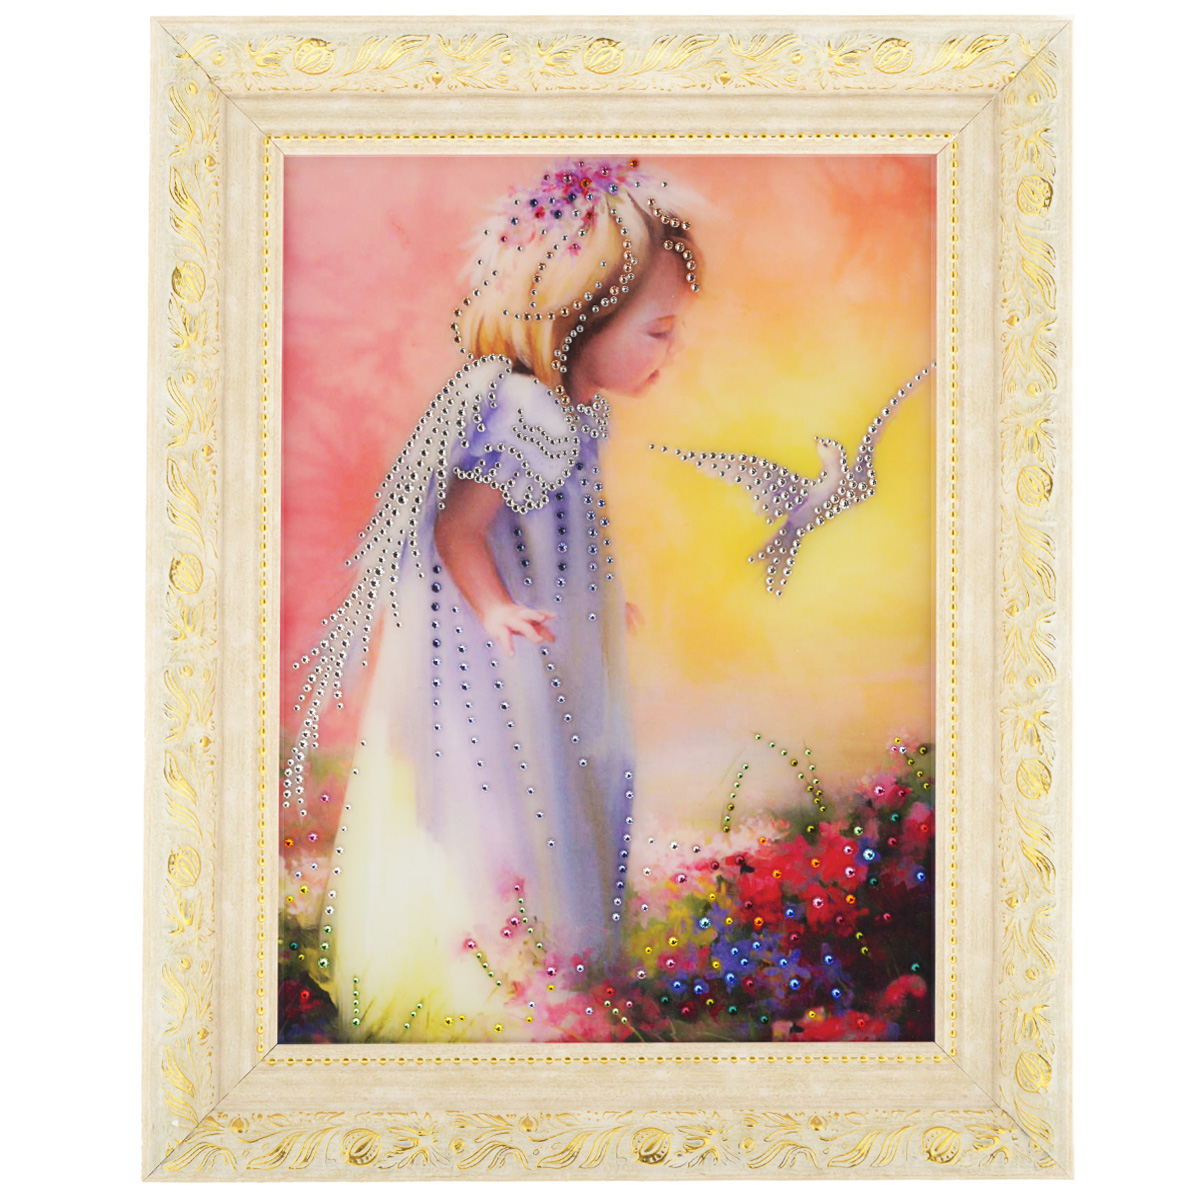 Картина с кристаллами Swarovski Детство, 50 см х 40 смRG-D31SИзящная картина в багетной раме, инкрустирована кристаллами Swarovski, которые отличаются четкой и ровной огранкой, ярким блеском и чистотой цвета. Красочное изображение маленькой девочки и птички, расположенное под стеклом, прекрасно дополняет блеск кристаллов. С обратной стороны имеется металлическая проволока для размещения картины на стене. Картина с кристаллами Swarovski Детство элегантно украсит интерьер дома или офиса, а также станет прекрасным подарком, который обязательно понравится получателю. Блеск кристаллов в интерьере, что может быть сказочнее и удивительнее. Картина упакована в подарочную картонную коробку синего цвета и комплектуется сертификатом соответствия Swarovski.